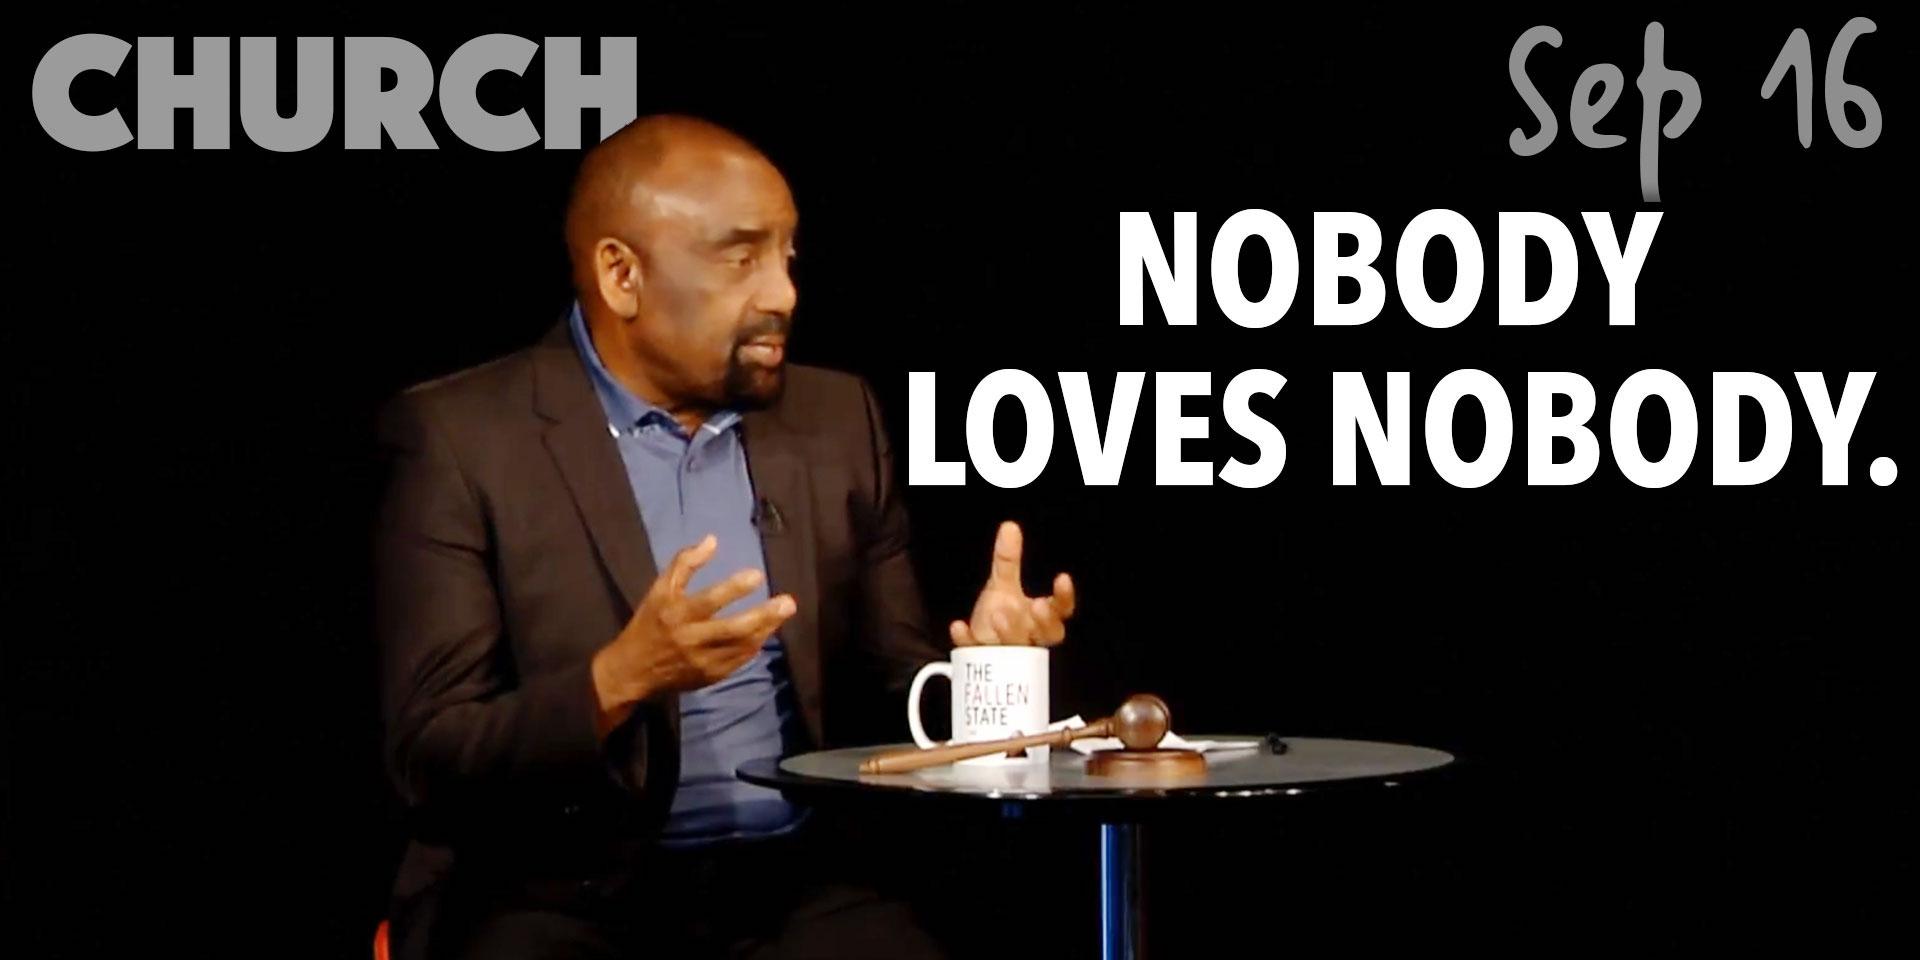 Church Sept. 16: Nobody Loves Nobody